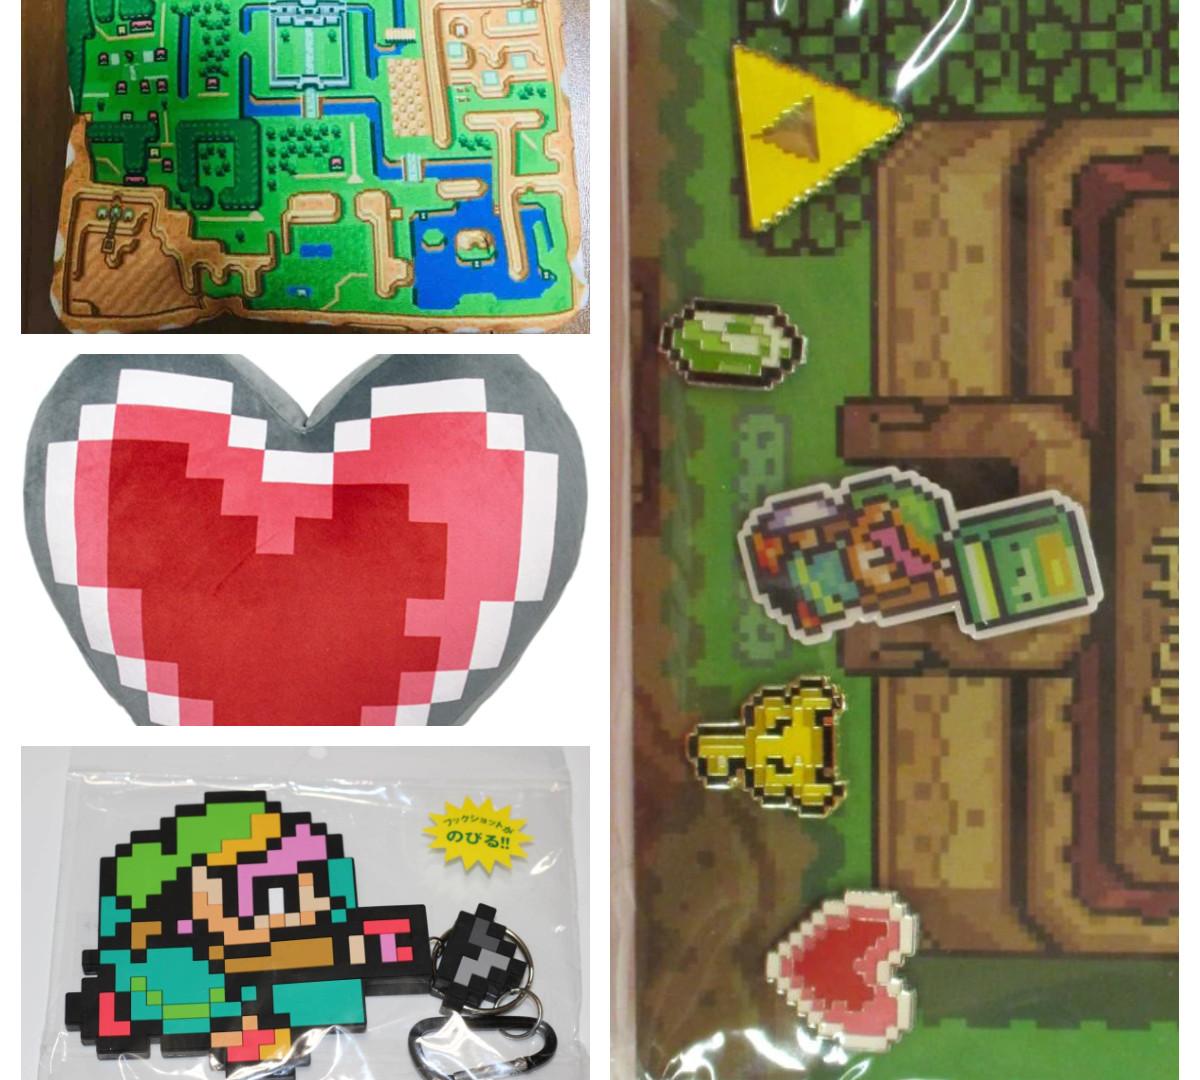 Goods officiels Nintendo Legend of Zelda 1. Pochette Hyrule map 15x15cm  2. Gros coussin Heart 3. Trousseau carte avec mousqueton 4. Lot de 4 pins